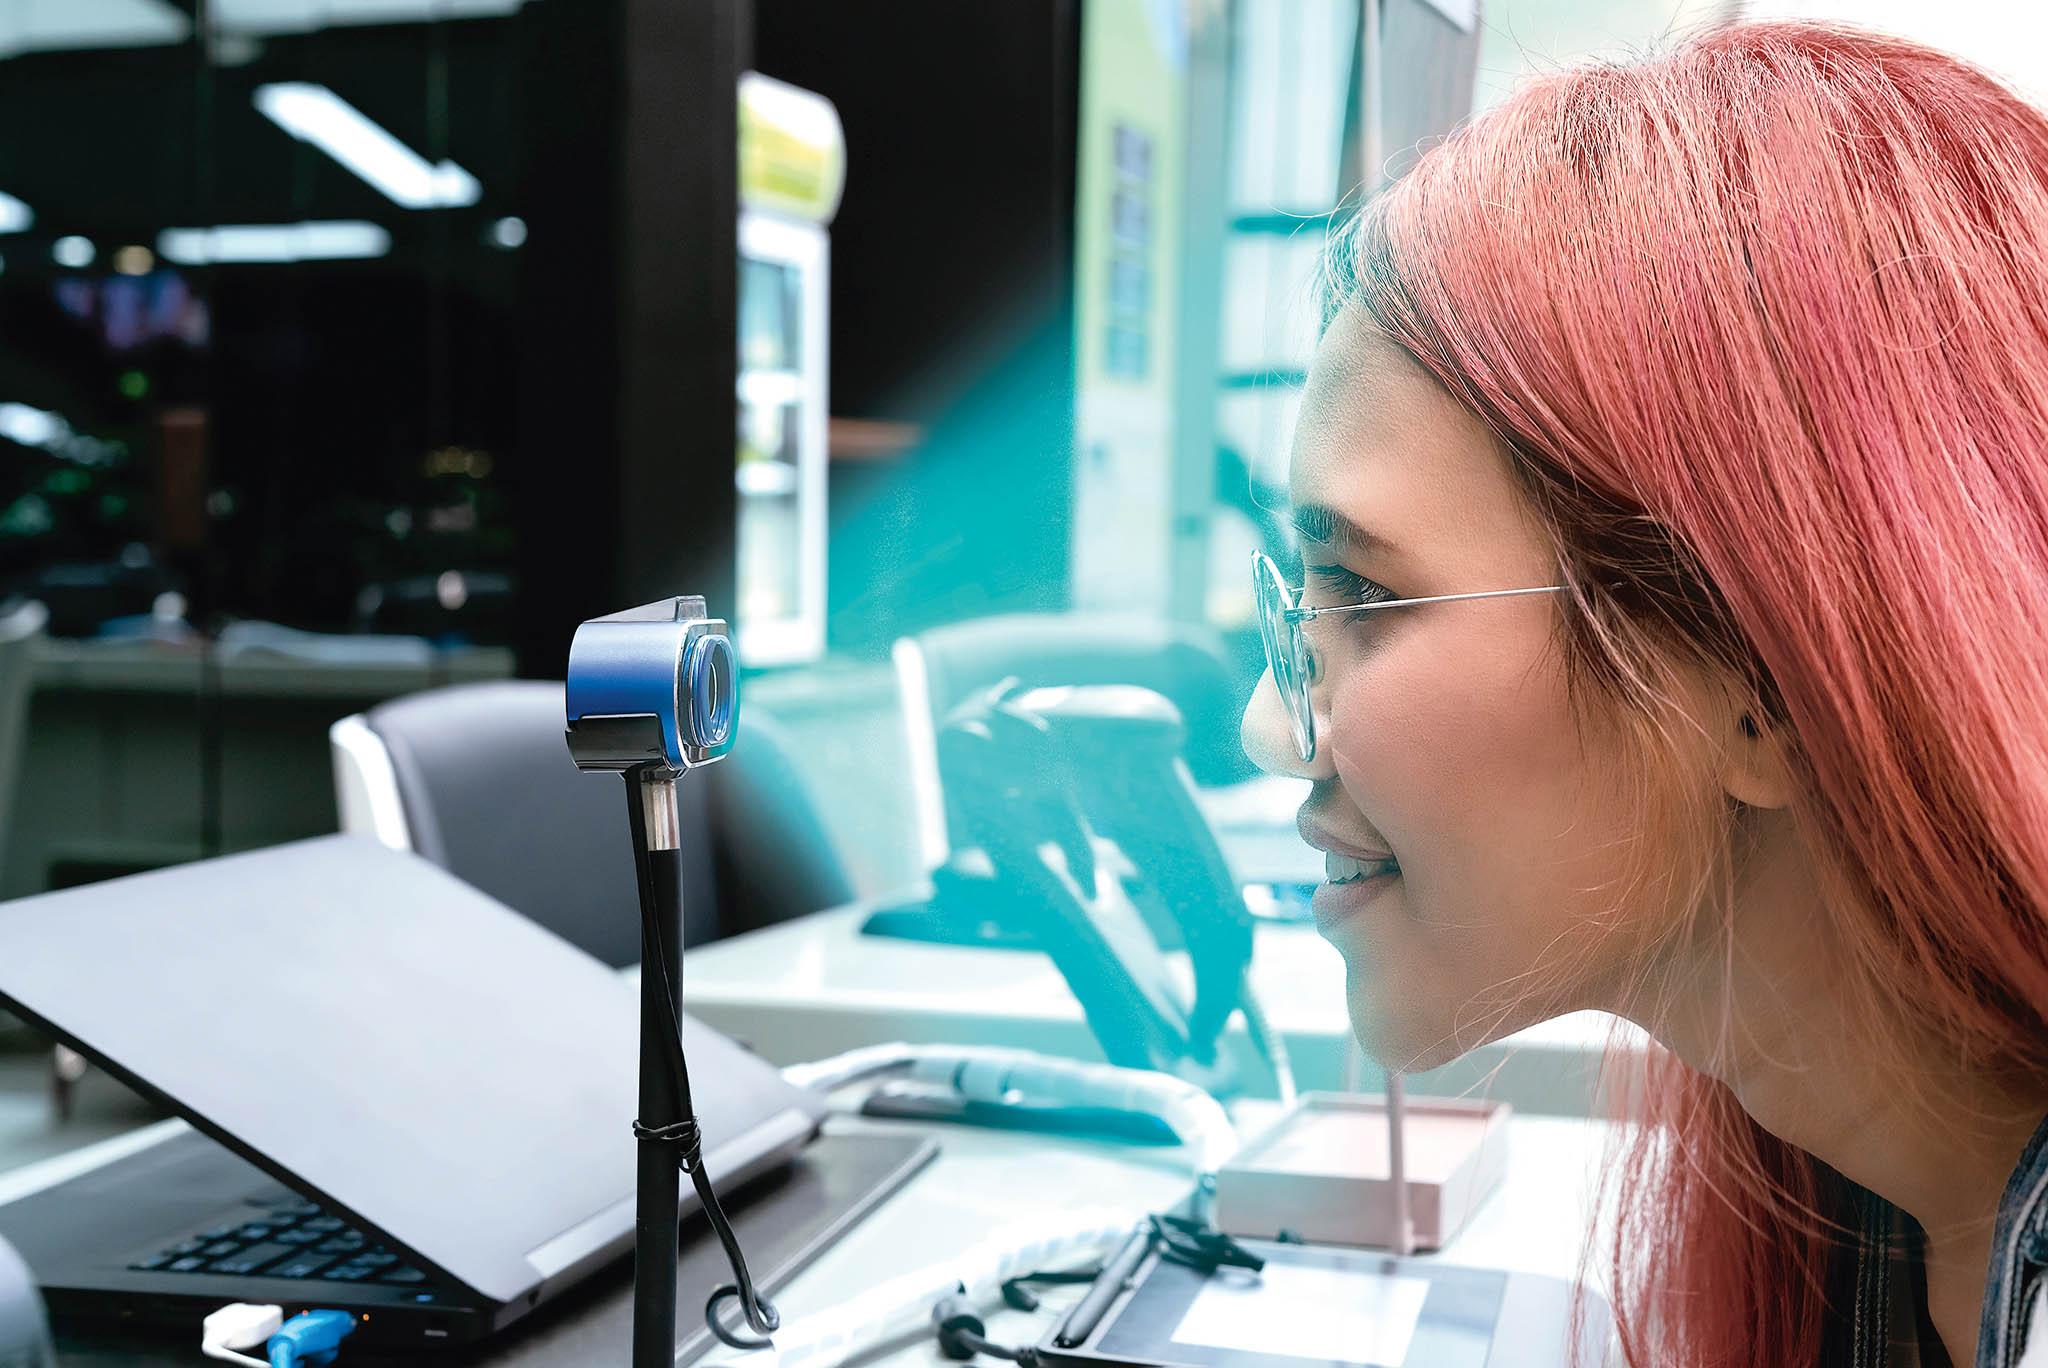 Díky ověření platby v obchodě pomocí rozpoznání obličeje klienti u sebe nebudou muset mít platební kartu ani použít svůj mobil.